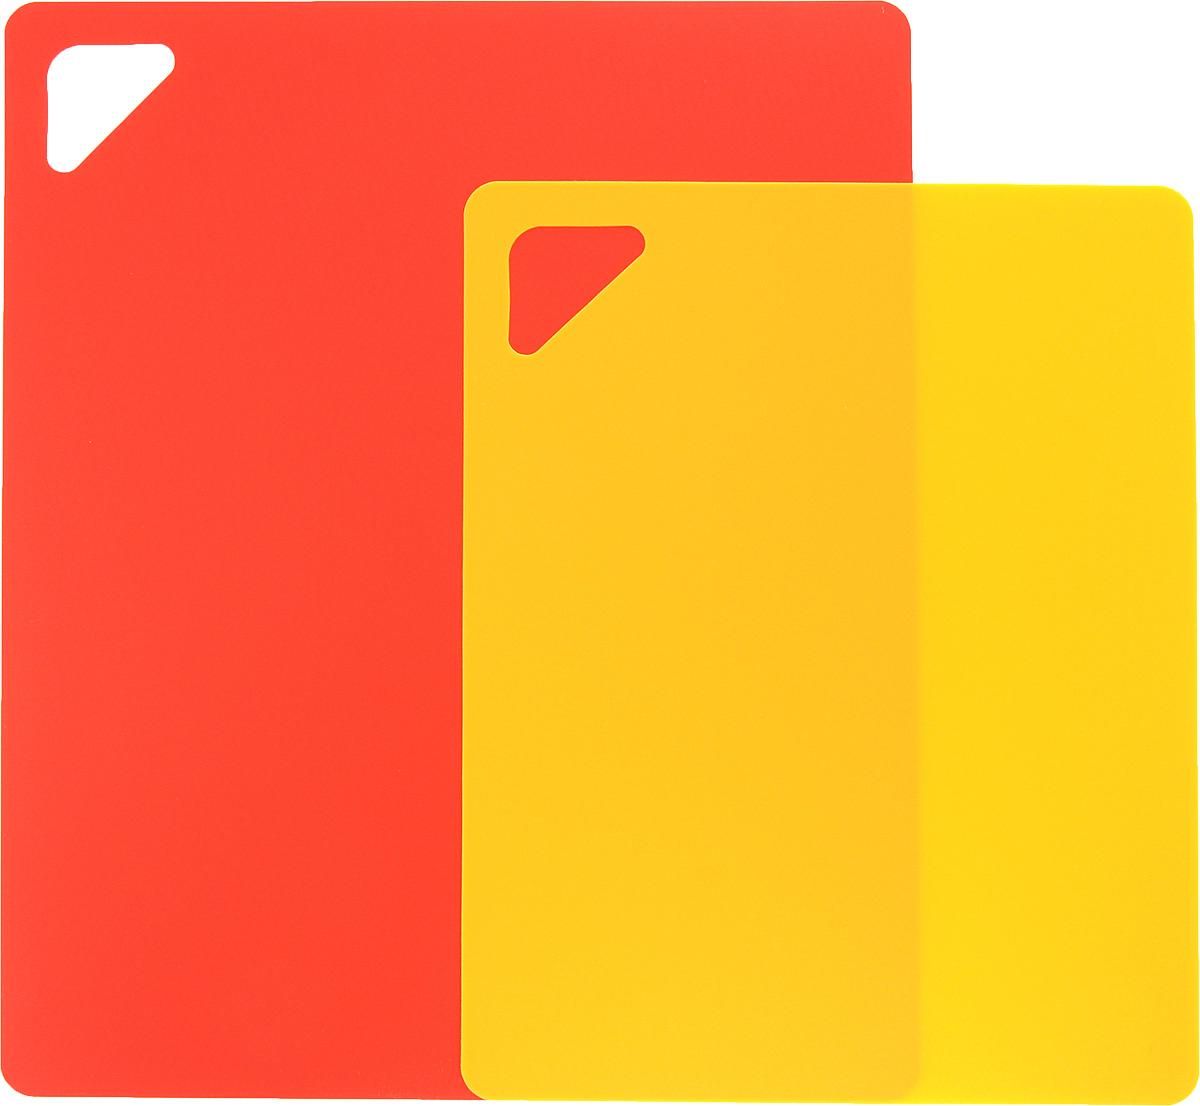 Разделочная доска Домашний Сундук, гибкая, цвет: красный, оранжевый, 2 штДС-176_красный,оранжевыйРазделочная доска Домашний Сундук, изготовленная из гибкого полиэтилена, прекрасно подходит для разделки всех видов пищевых продуктов. Не вступает в химическую реакцию, не выделяет вредных веществ, предотвращает размножение болезнетворных микроорганизмов на поверхности доски. Разделочная доска плотно прилегает к любой поверхности стола или столешницы и не скользит.Порадуйте себя и своих близких качественным и функциональным подарком.